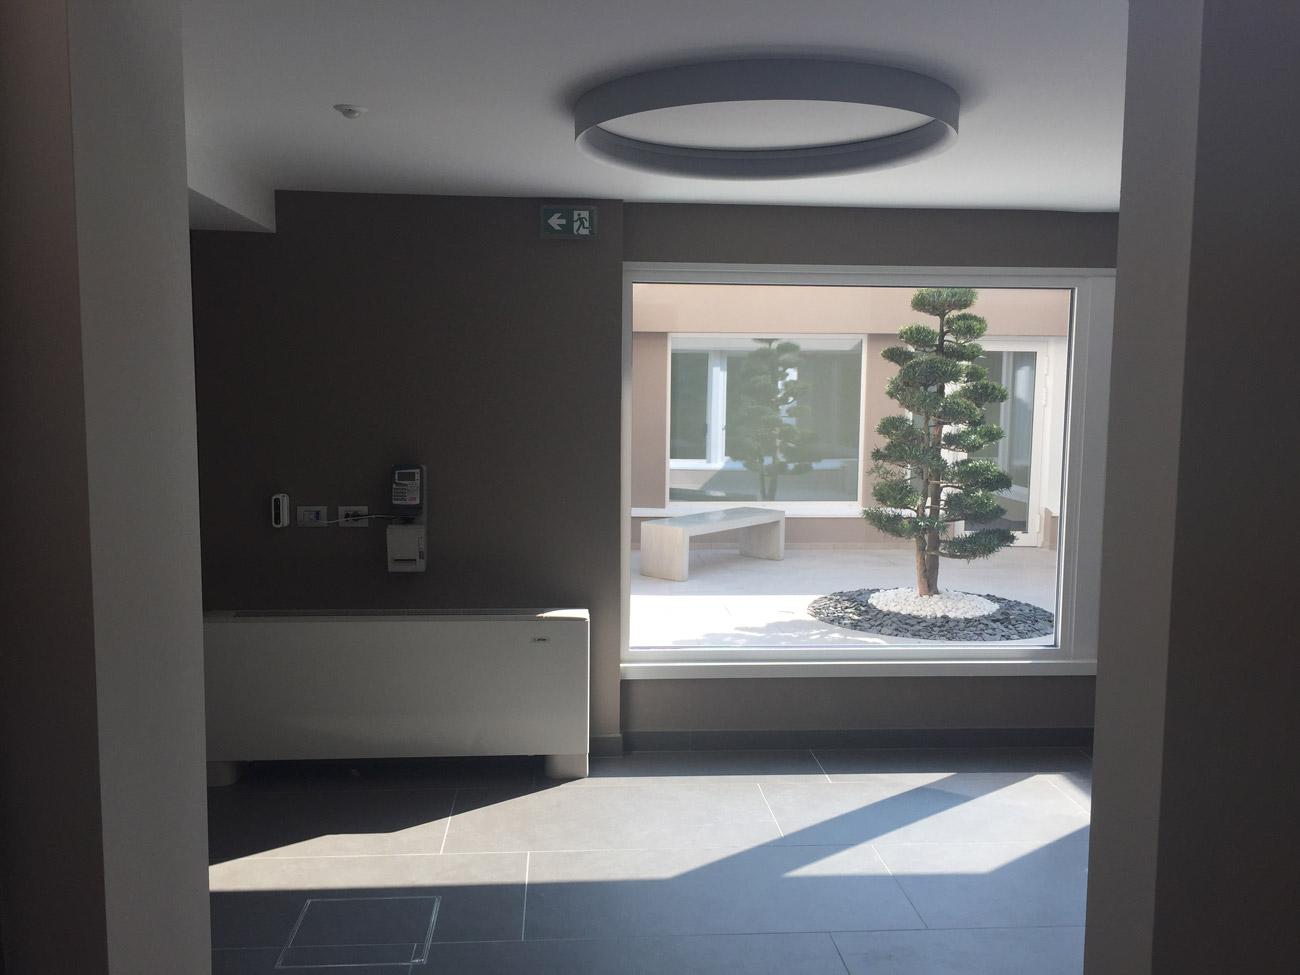 mensa-selice-cefla-imola_studio-tb-progettazione-architettonica-05